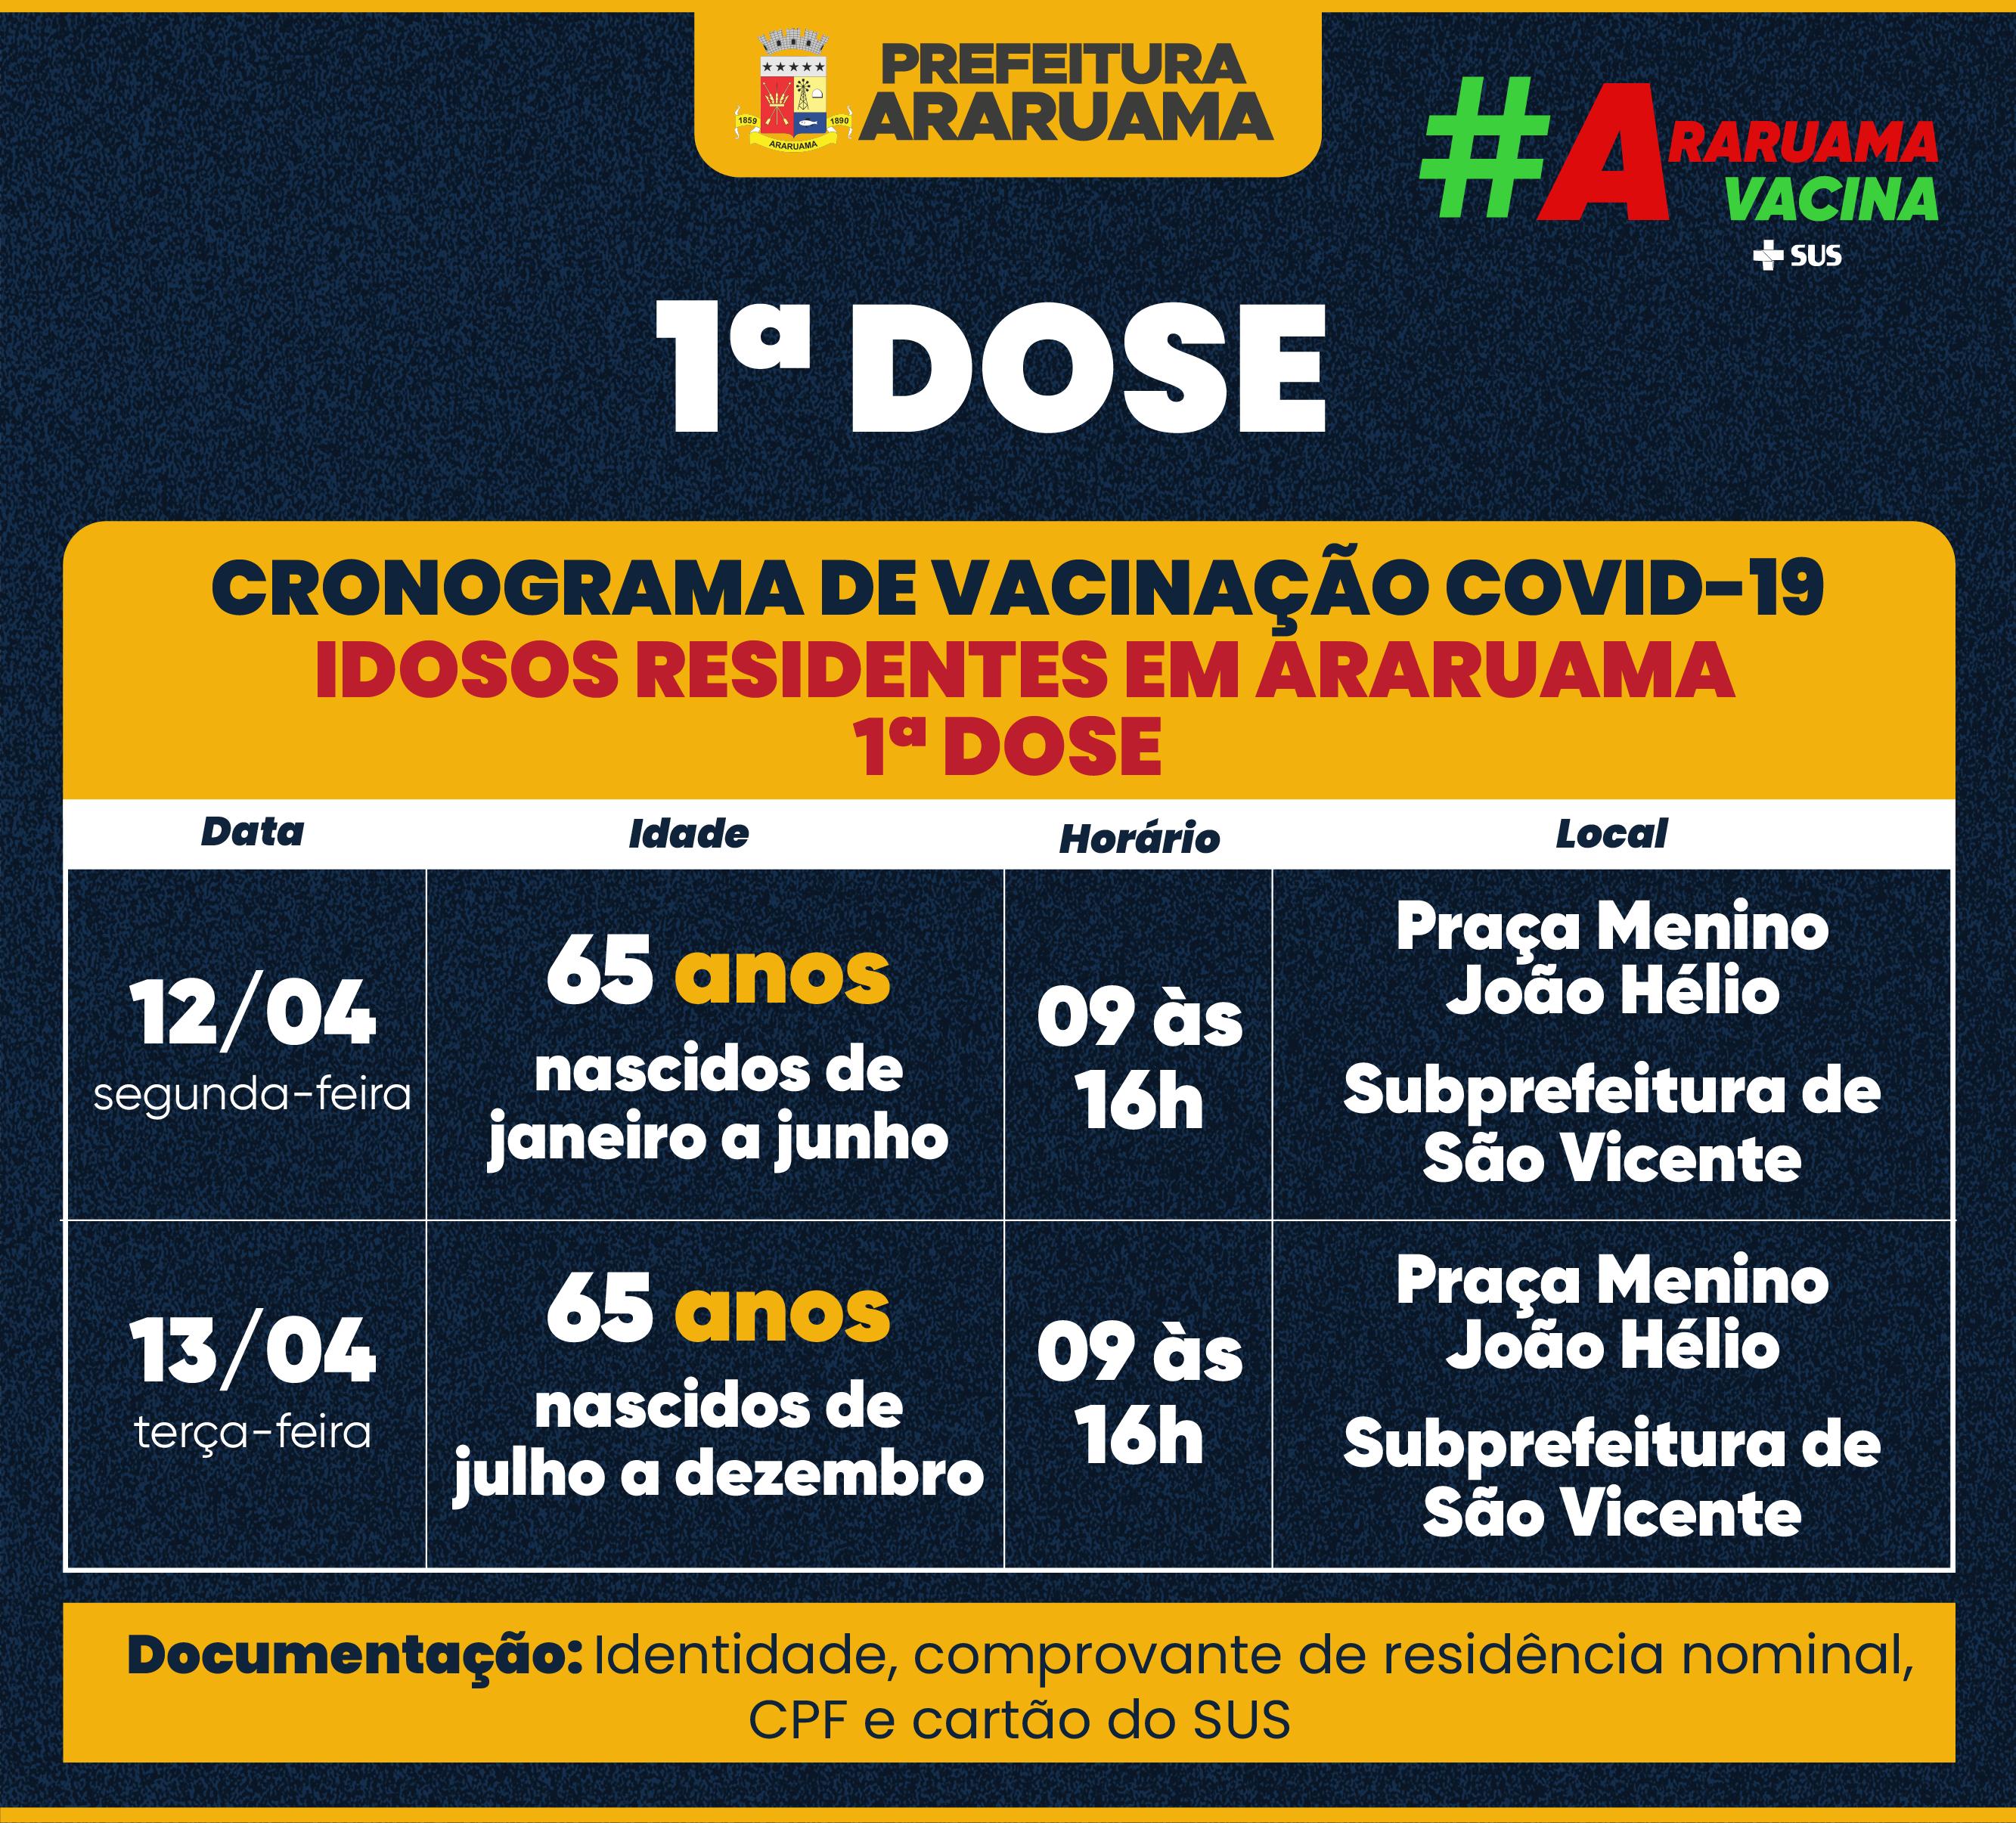 Calendário de vacinação para idosos de 65 anos em Araruama